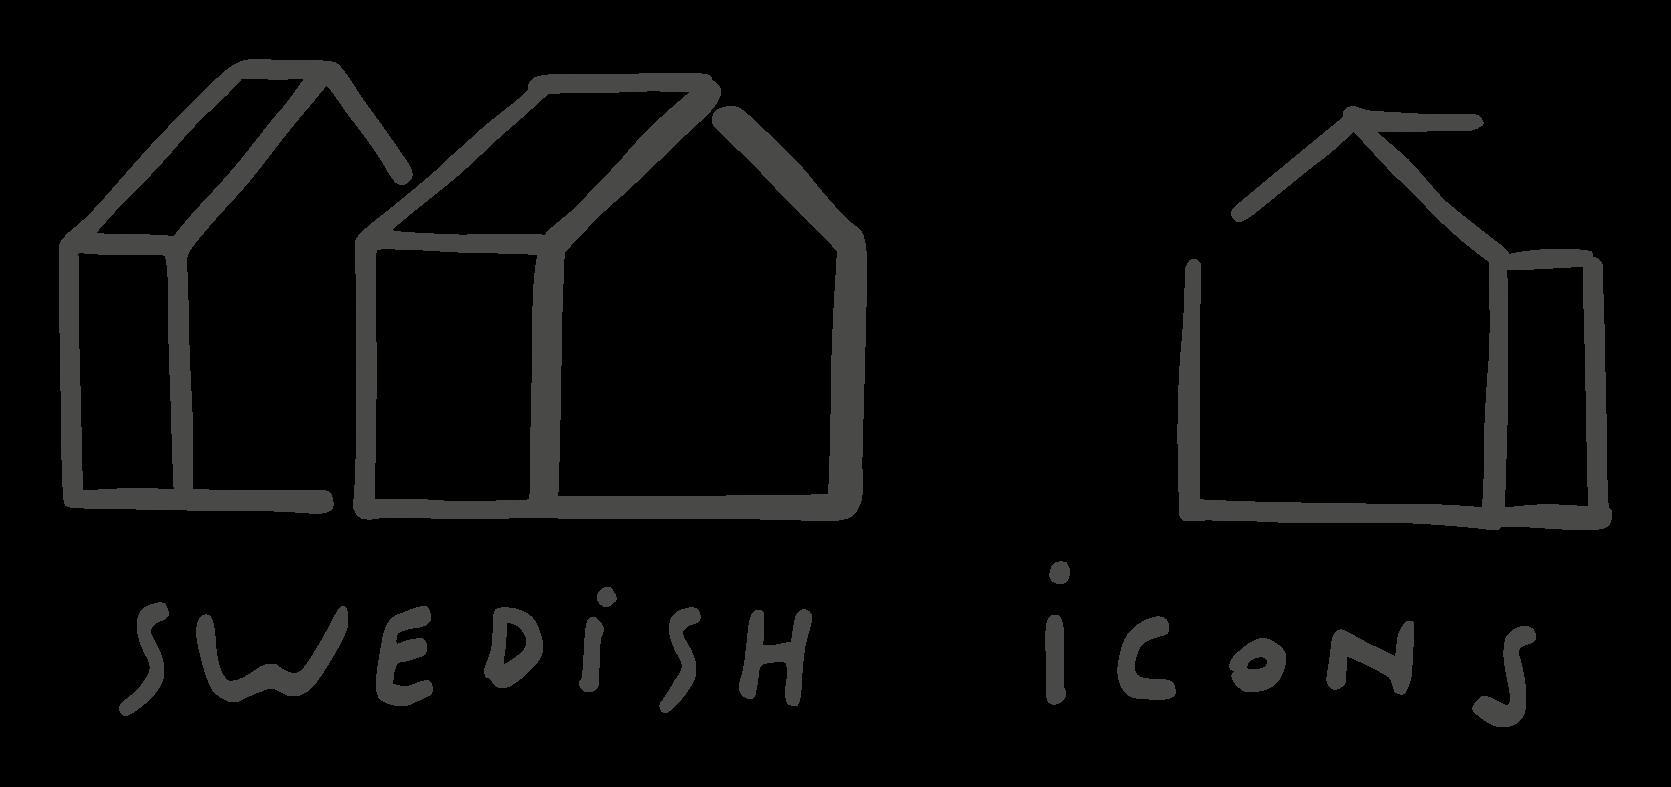 Swedish Icons